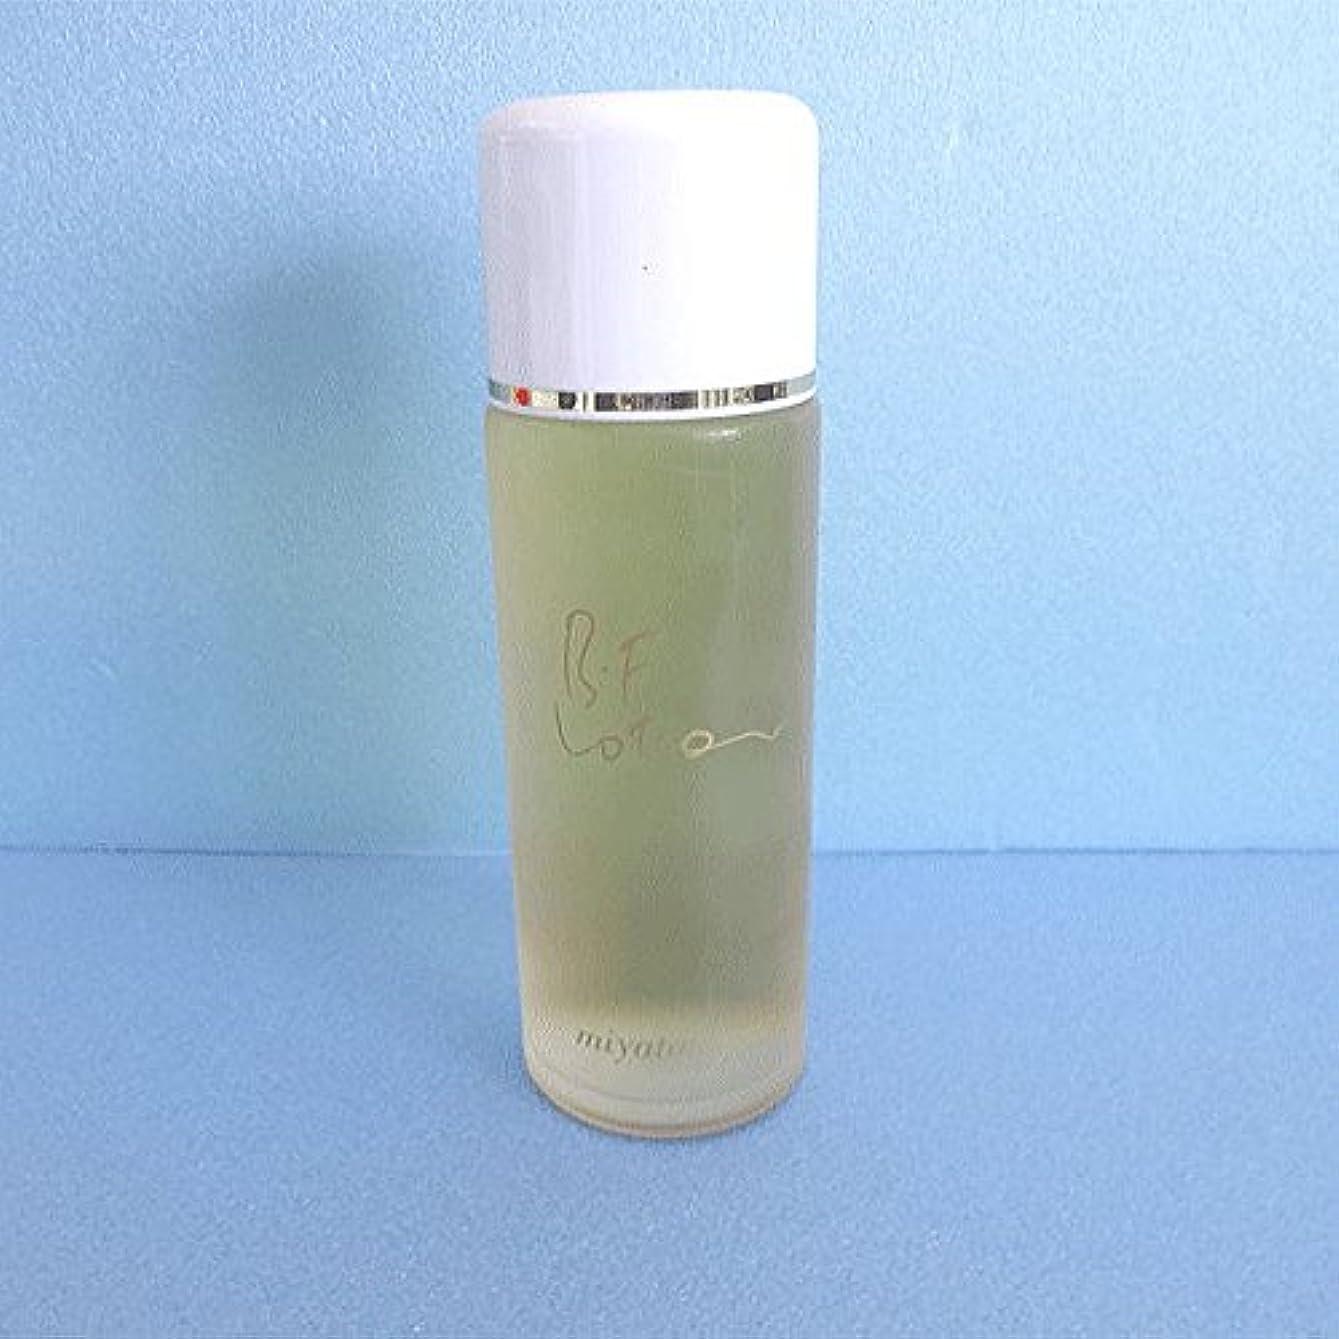 更新定期的な圧力ビーエフ?ローション100ml×10本 天然野草の恵み、お肌の味方、自然化粧水。